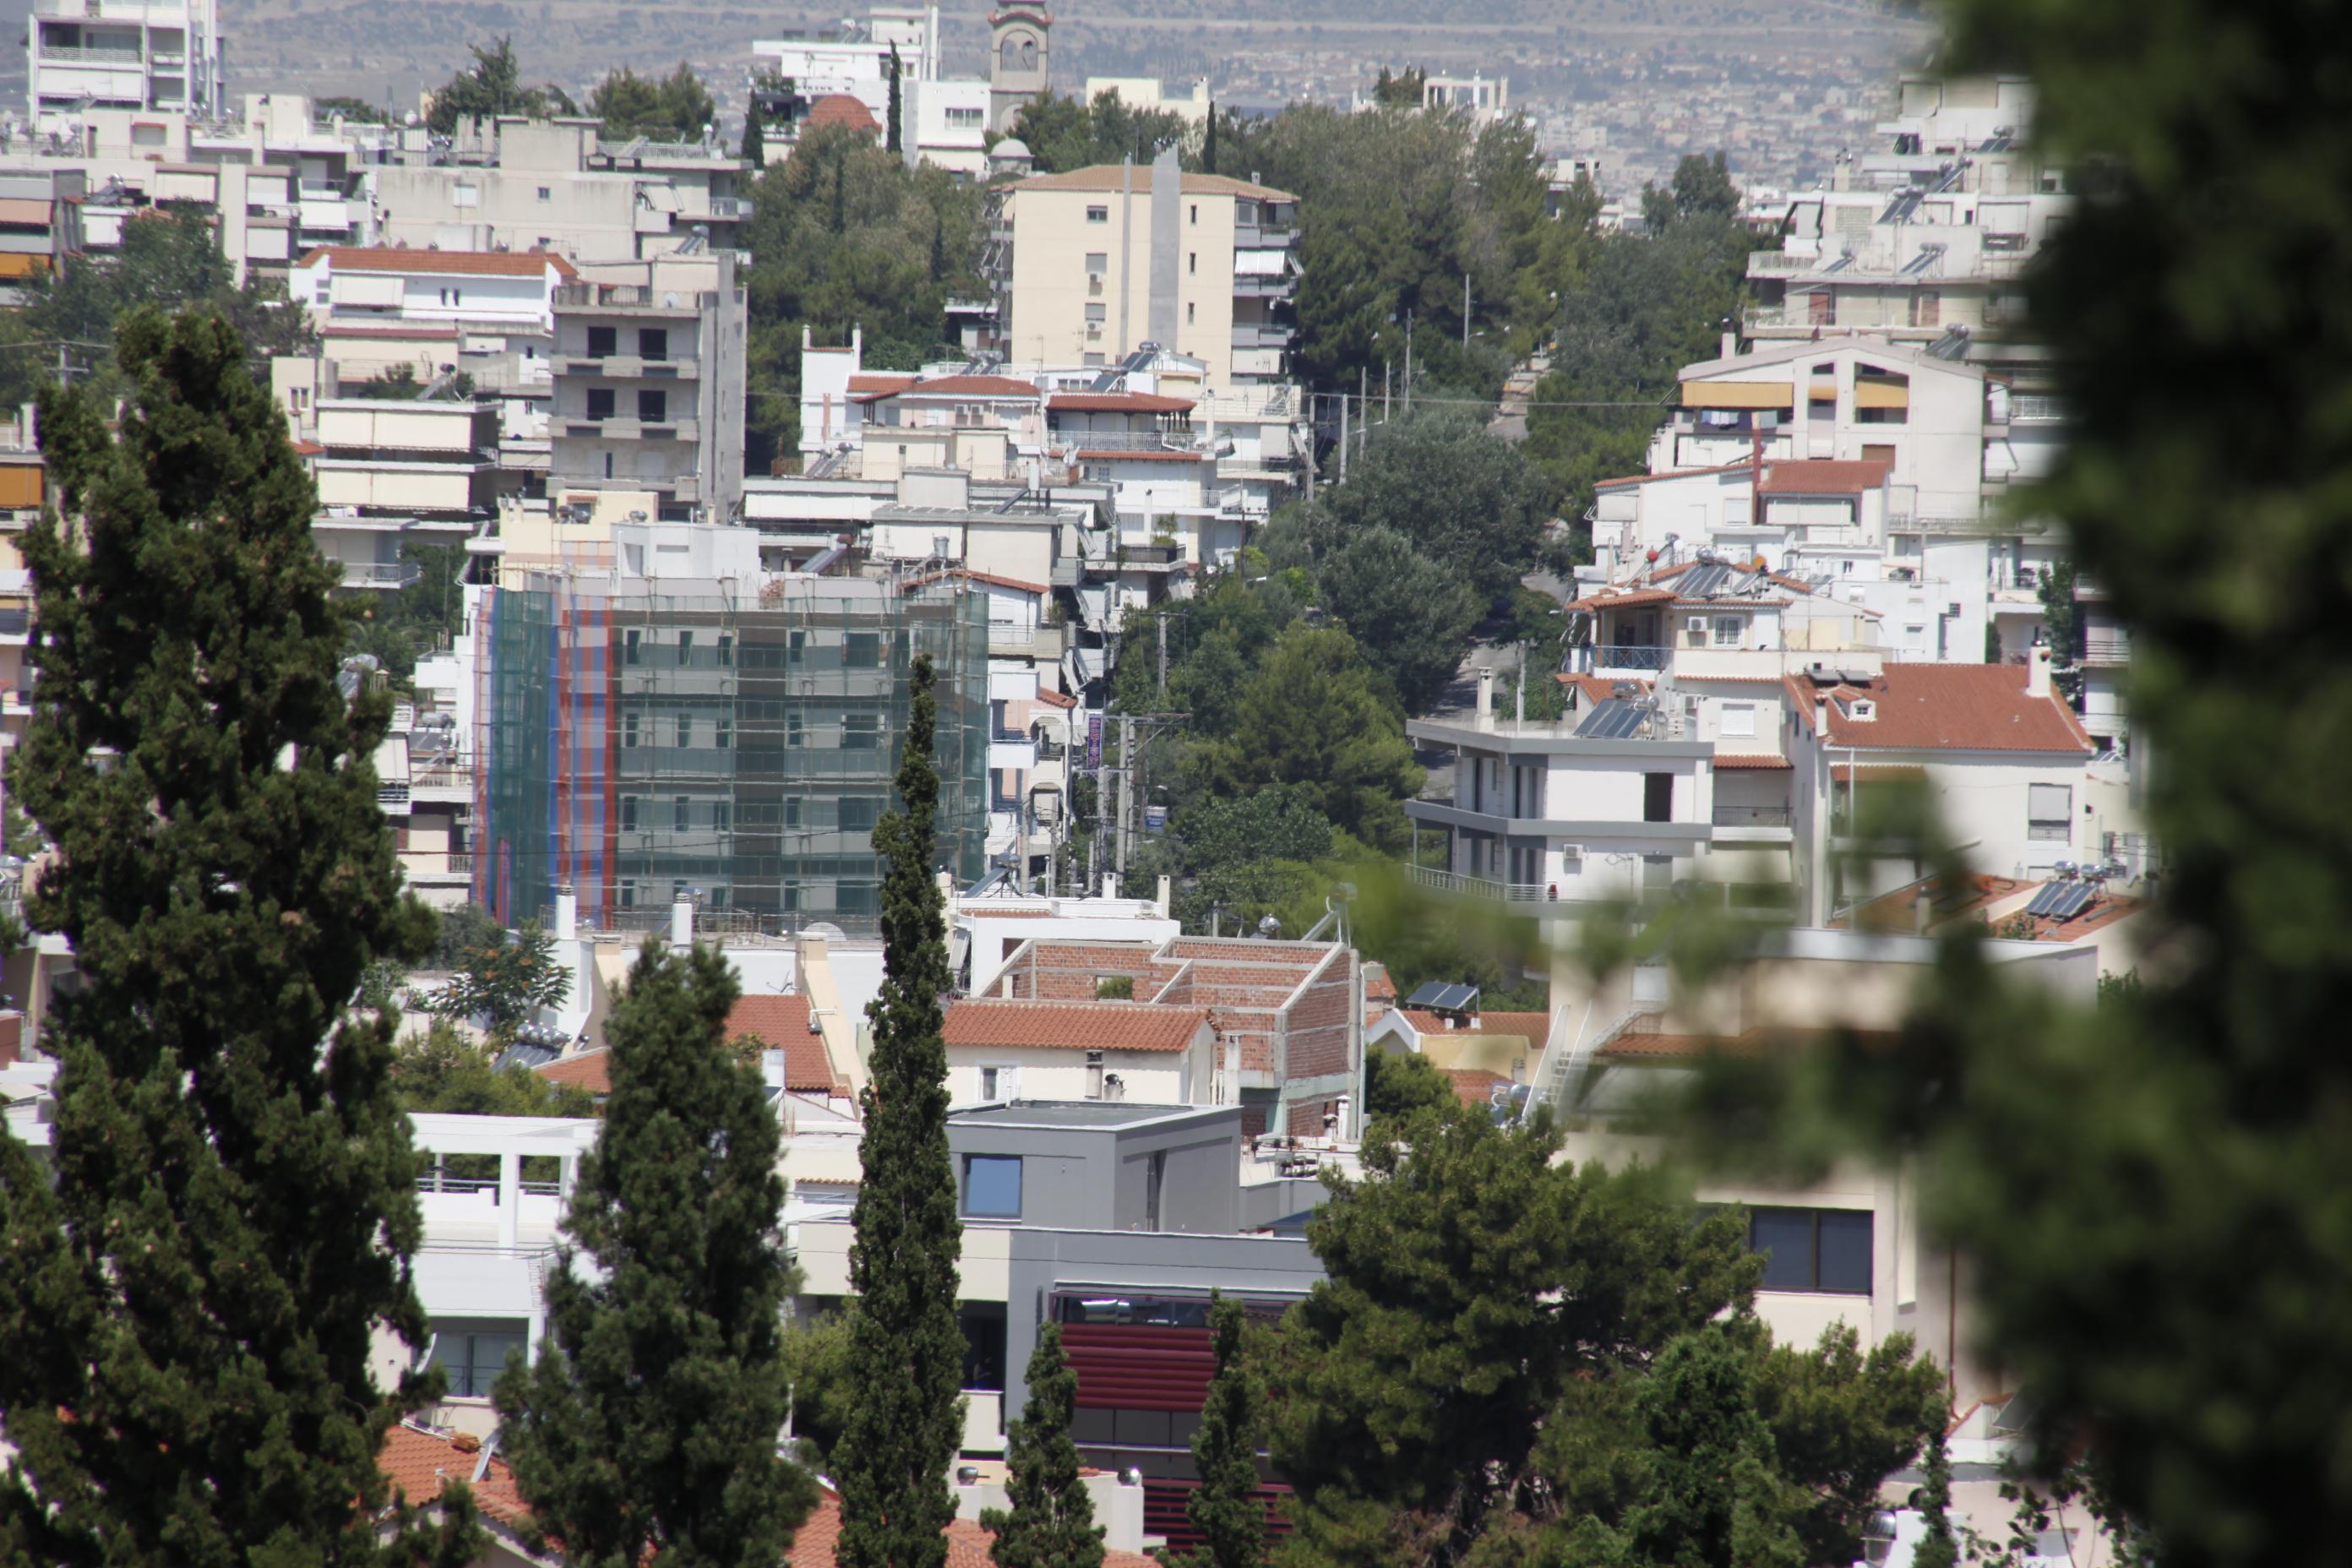 Ποια θα είναι η τελική μορφή του Νέου Φόρου Ακινήτων | tovima.gr